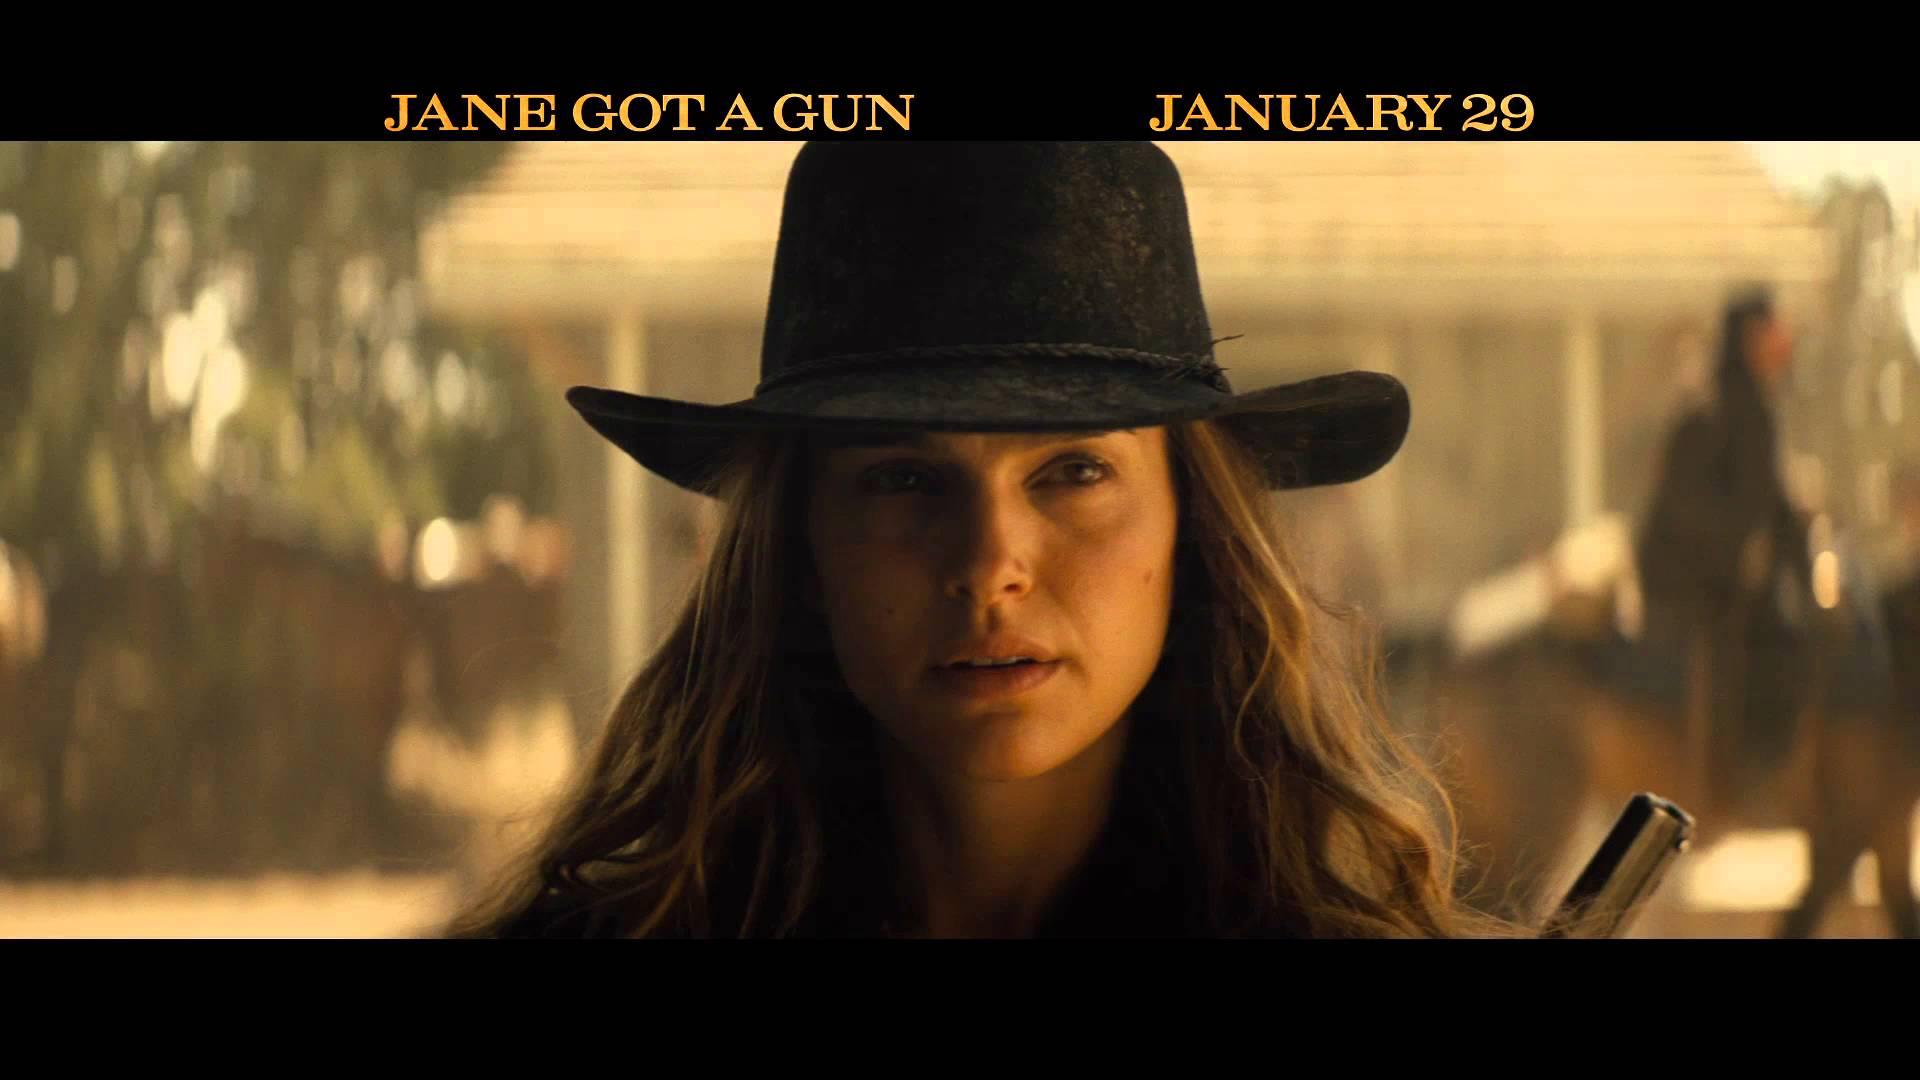 JANE GOT A GUN – Gunslinger – The Weinstein Company